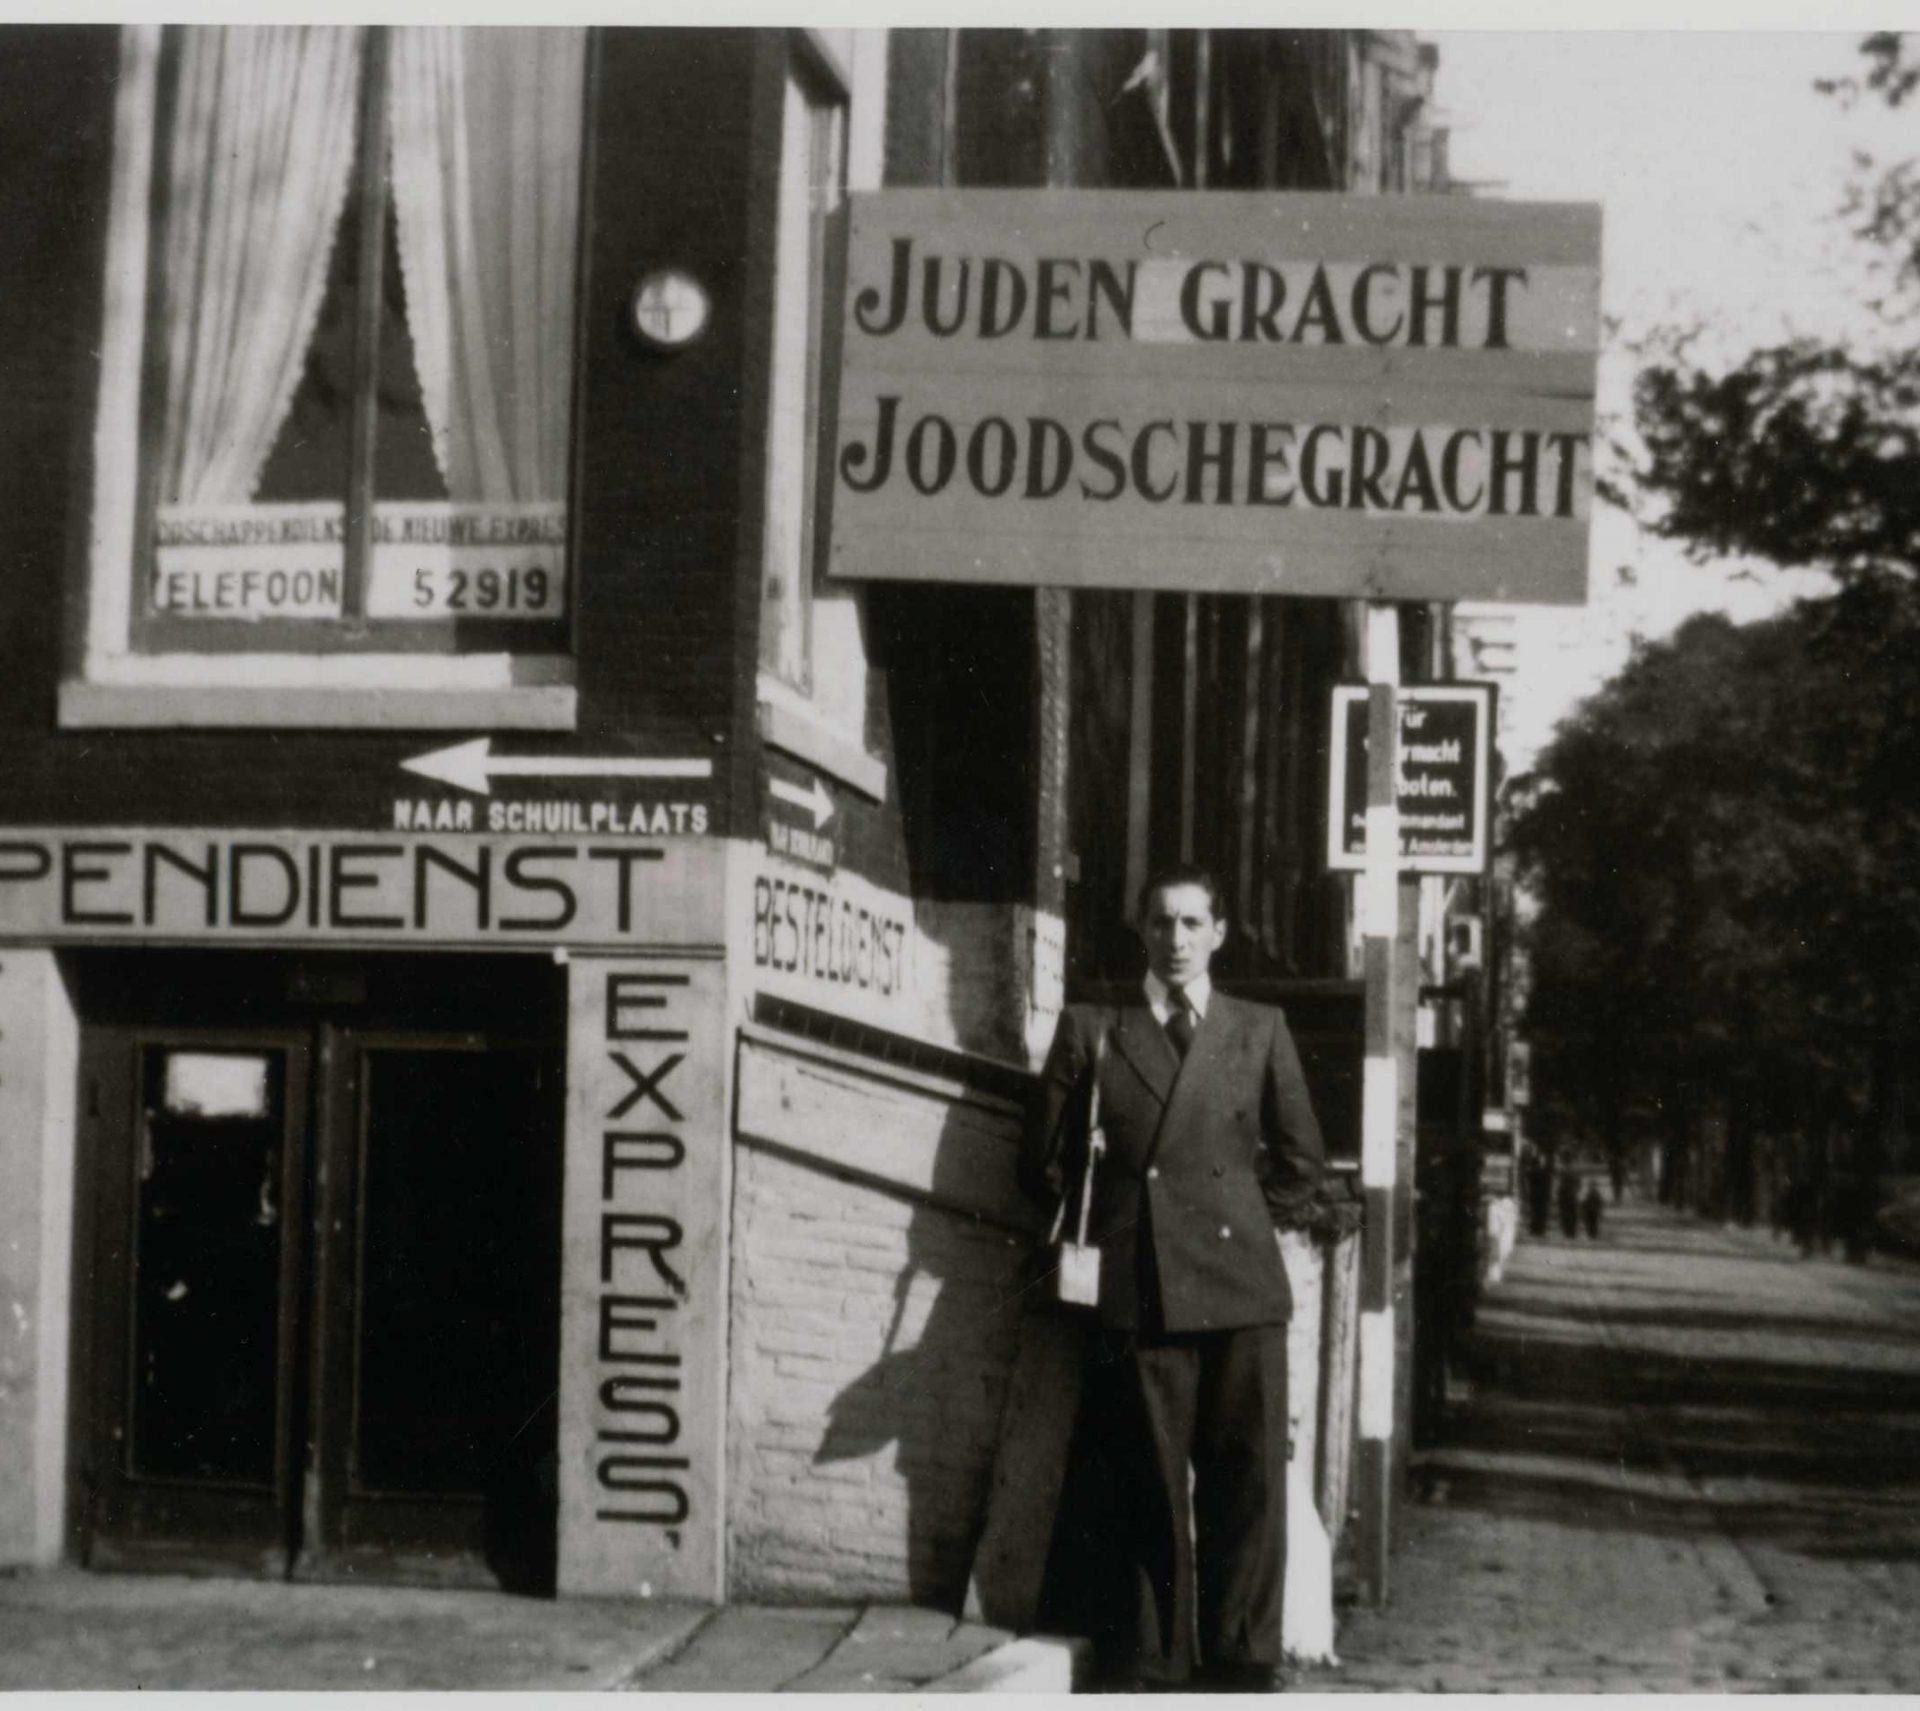 Photo de Sam Shryver sous les affiches indiquant les limites du quartier Juif. On y lit « Canal juif », en référence à la géographie de la ville d'Amsterdam, traversée de canaux.